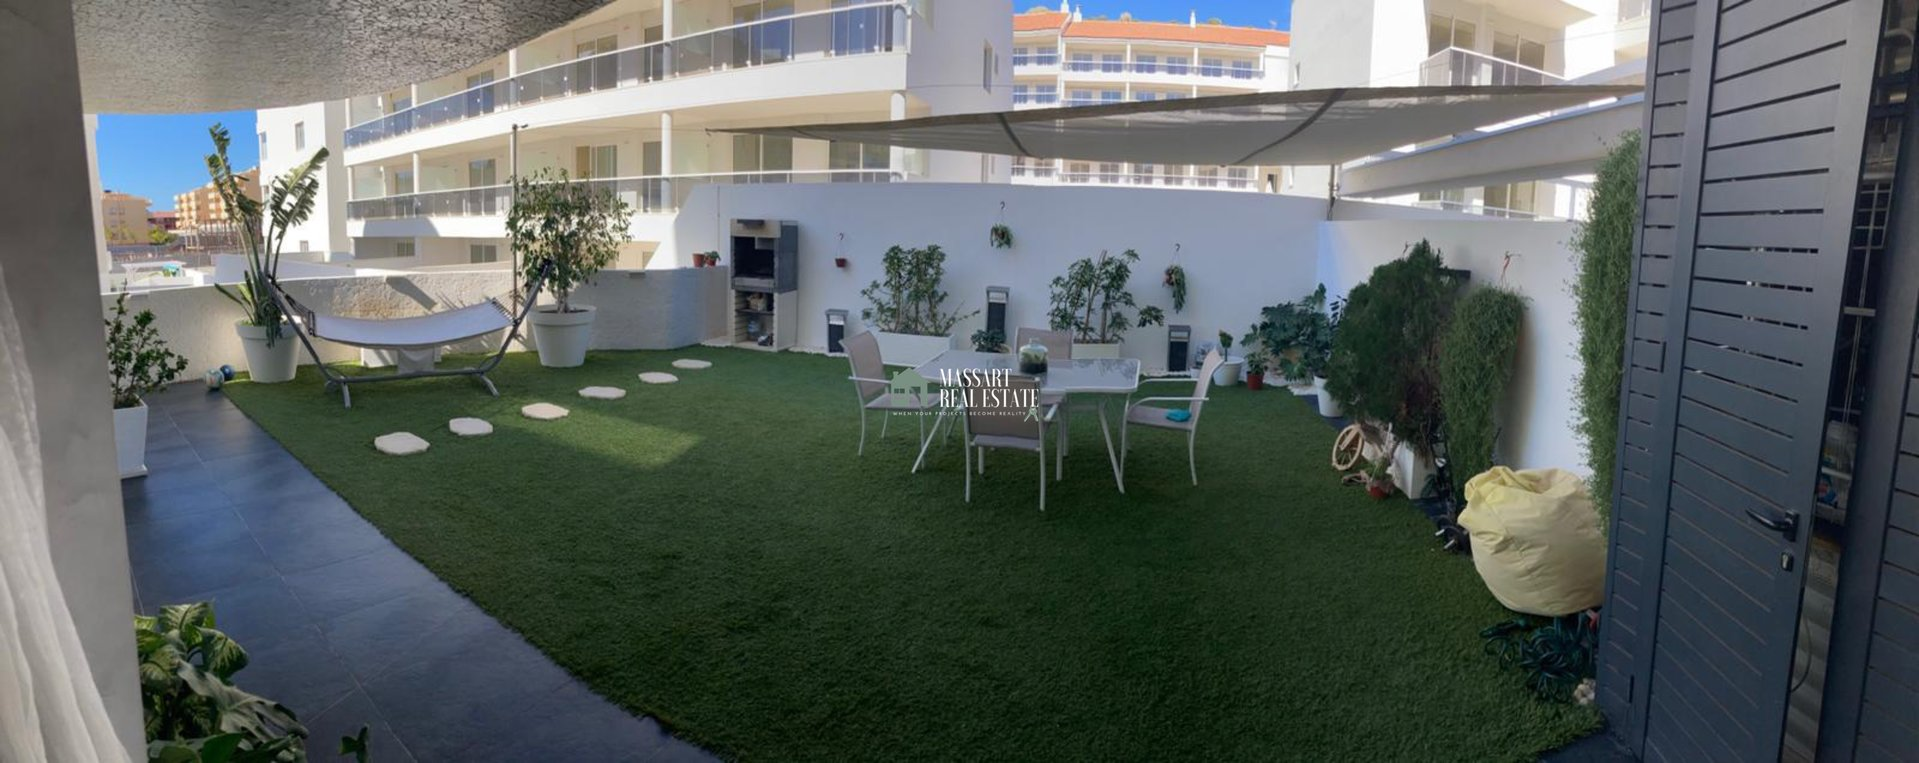 Appartement moderne d'environ 150 m2 à louer dans l'un des complexes résidentiels les plus prestigieux du sud de l'île, Las Olas (PalmMar).